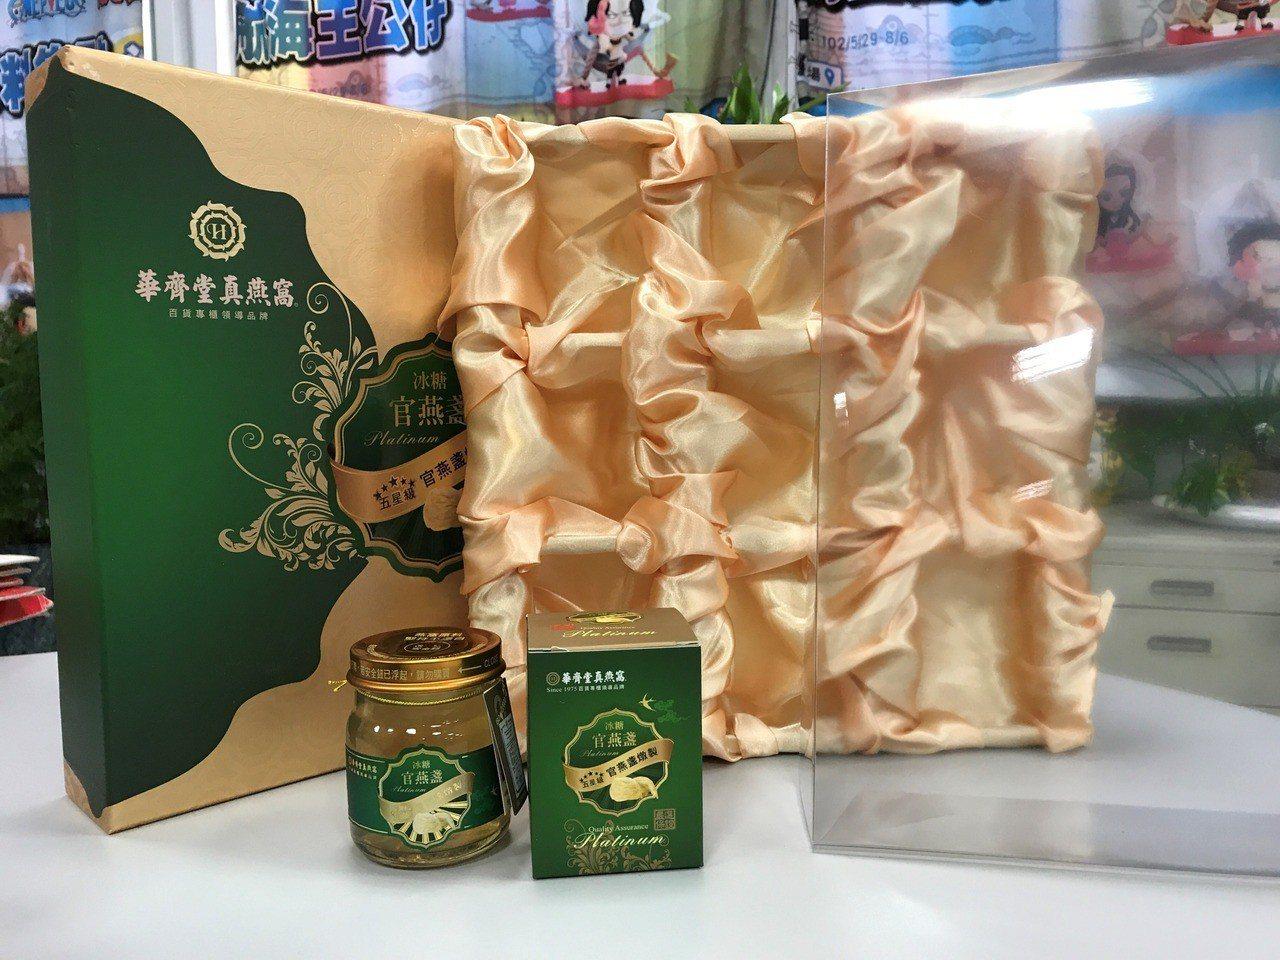 新北環保局指出,「五星級冰糖官燕盞禮盒」包裝層數高達3層超過規定。圖/新北環保局...